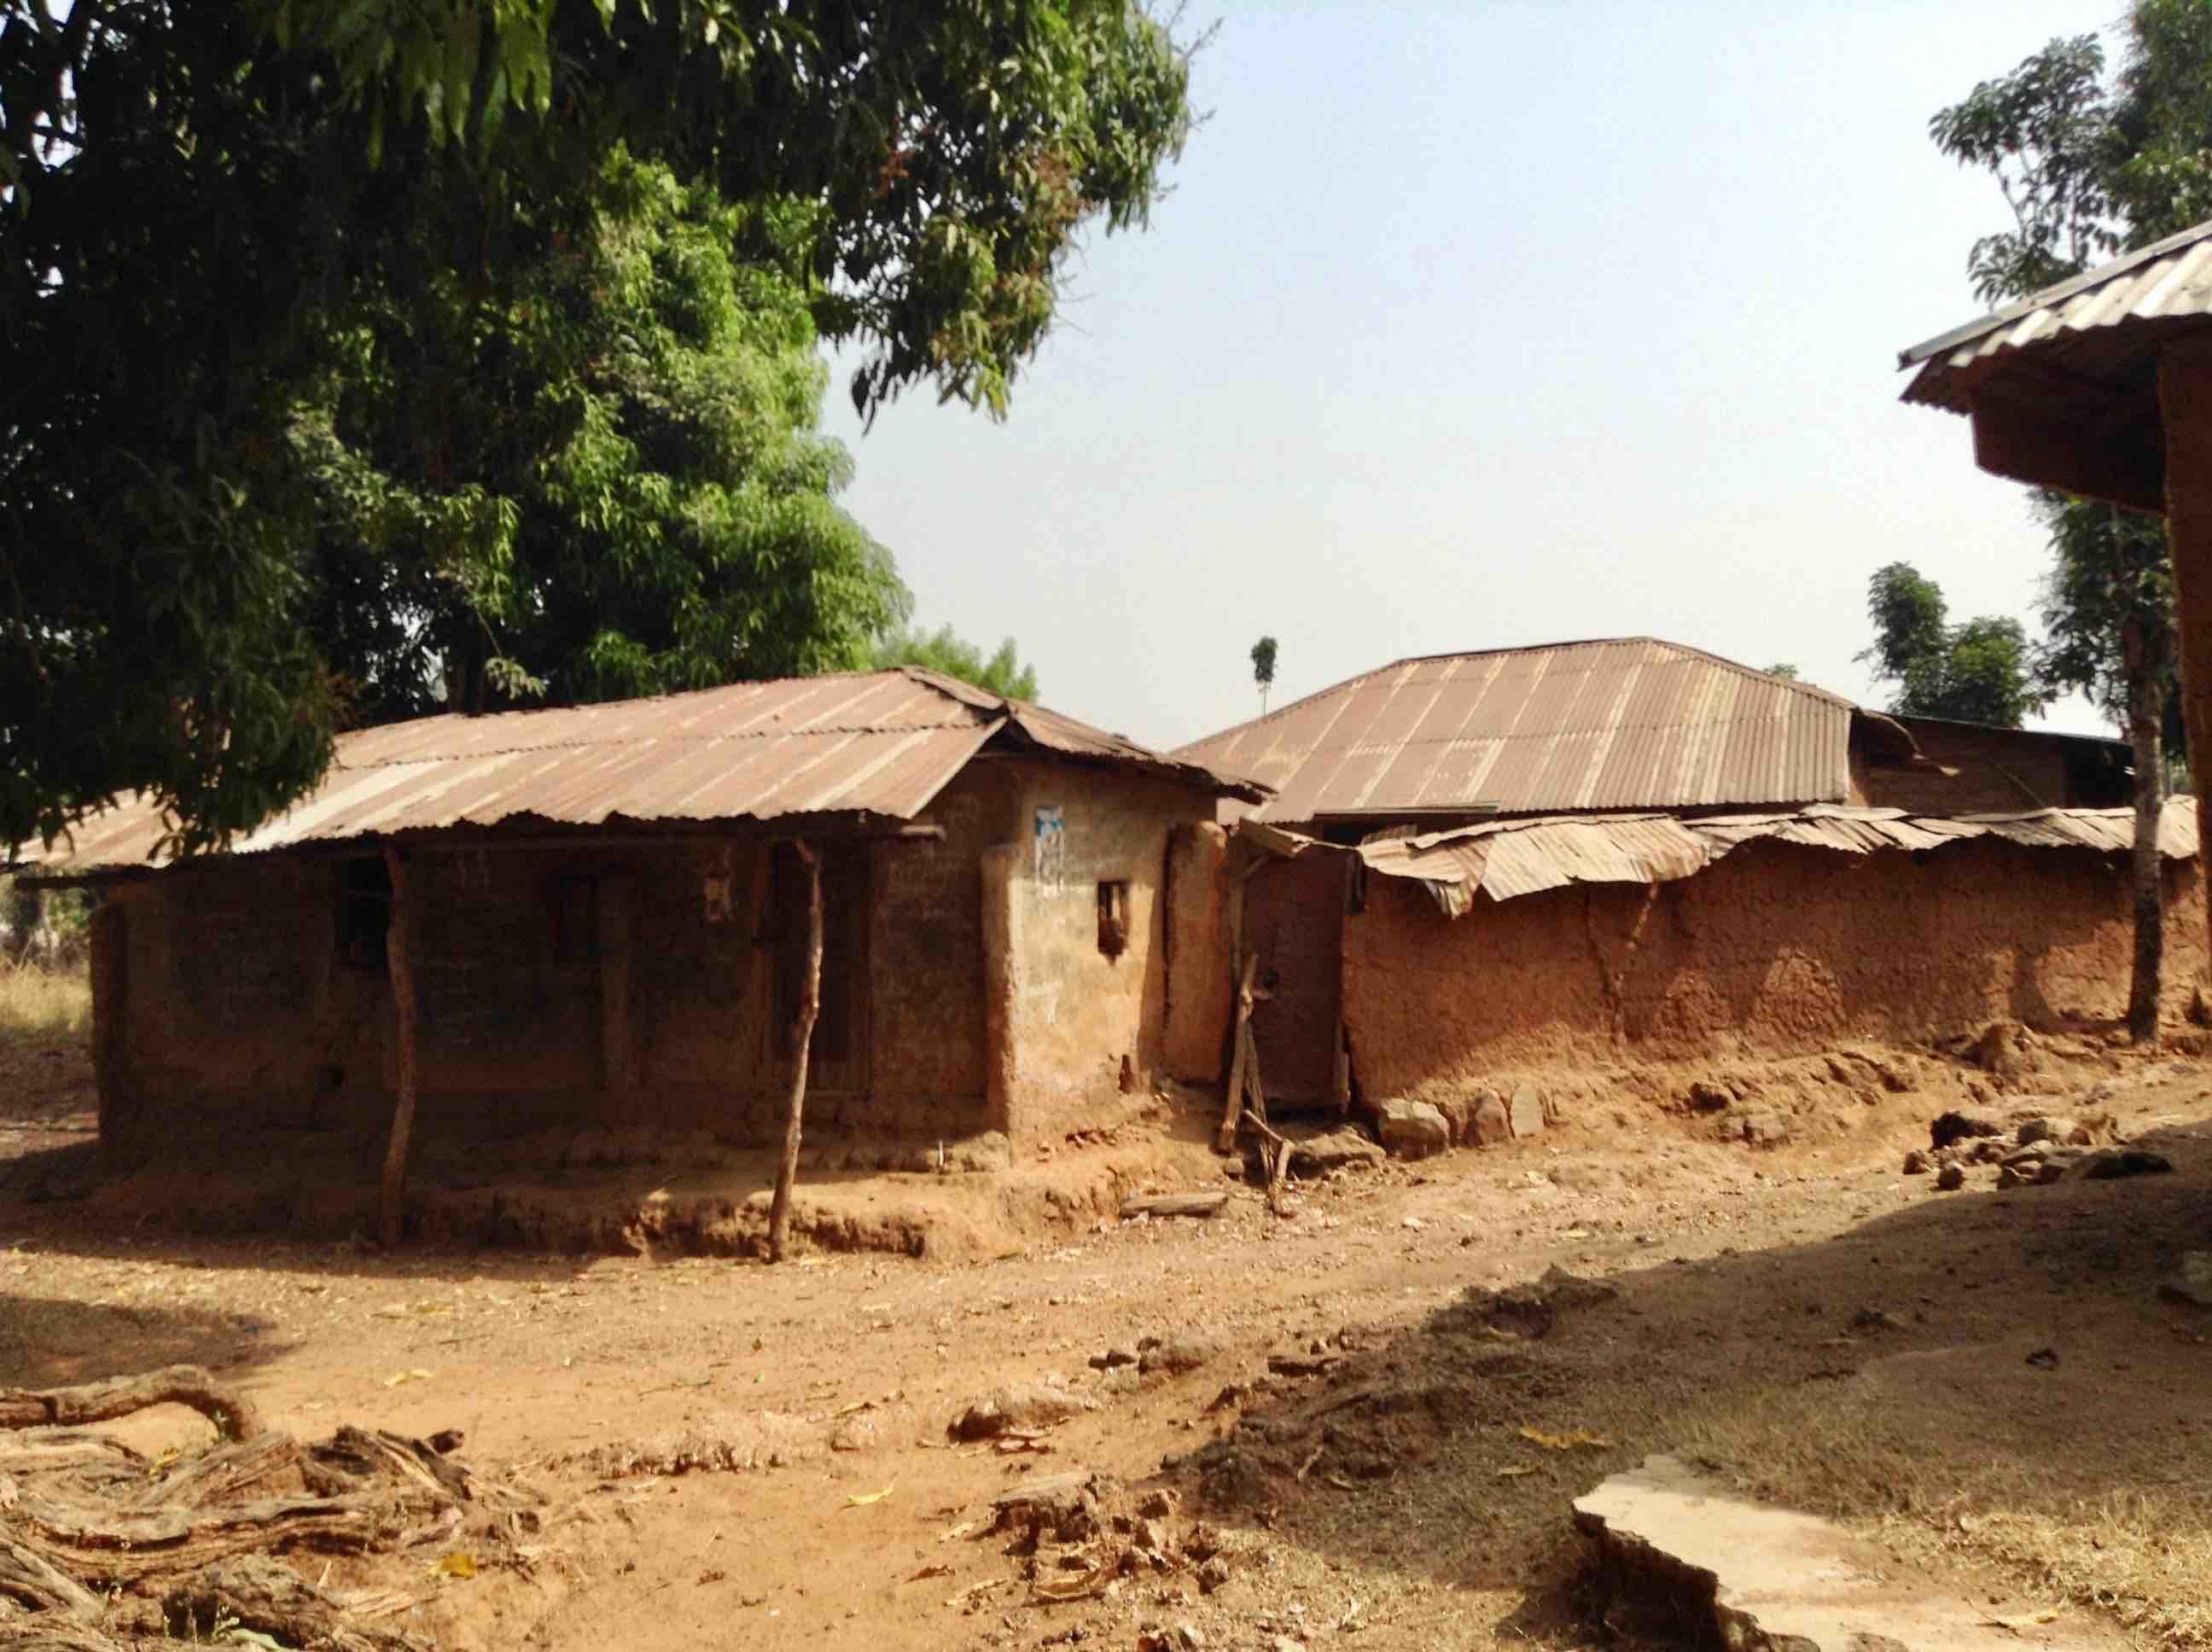 Mud Huts, Langa Langa Village, Nasarawa State, Nigeria. #JujuFilms